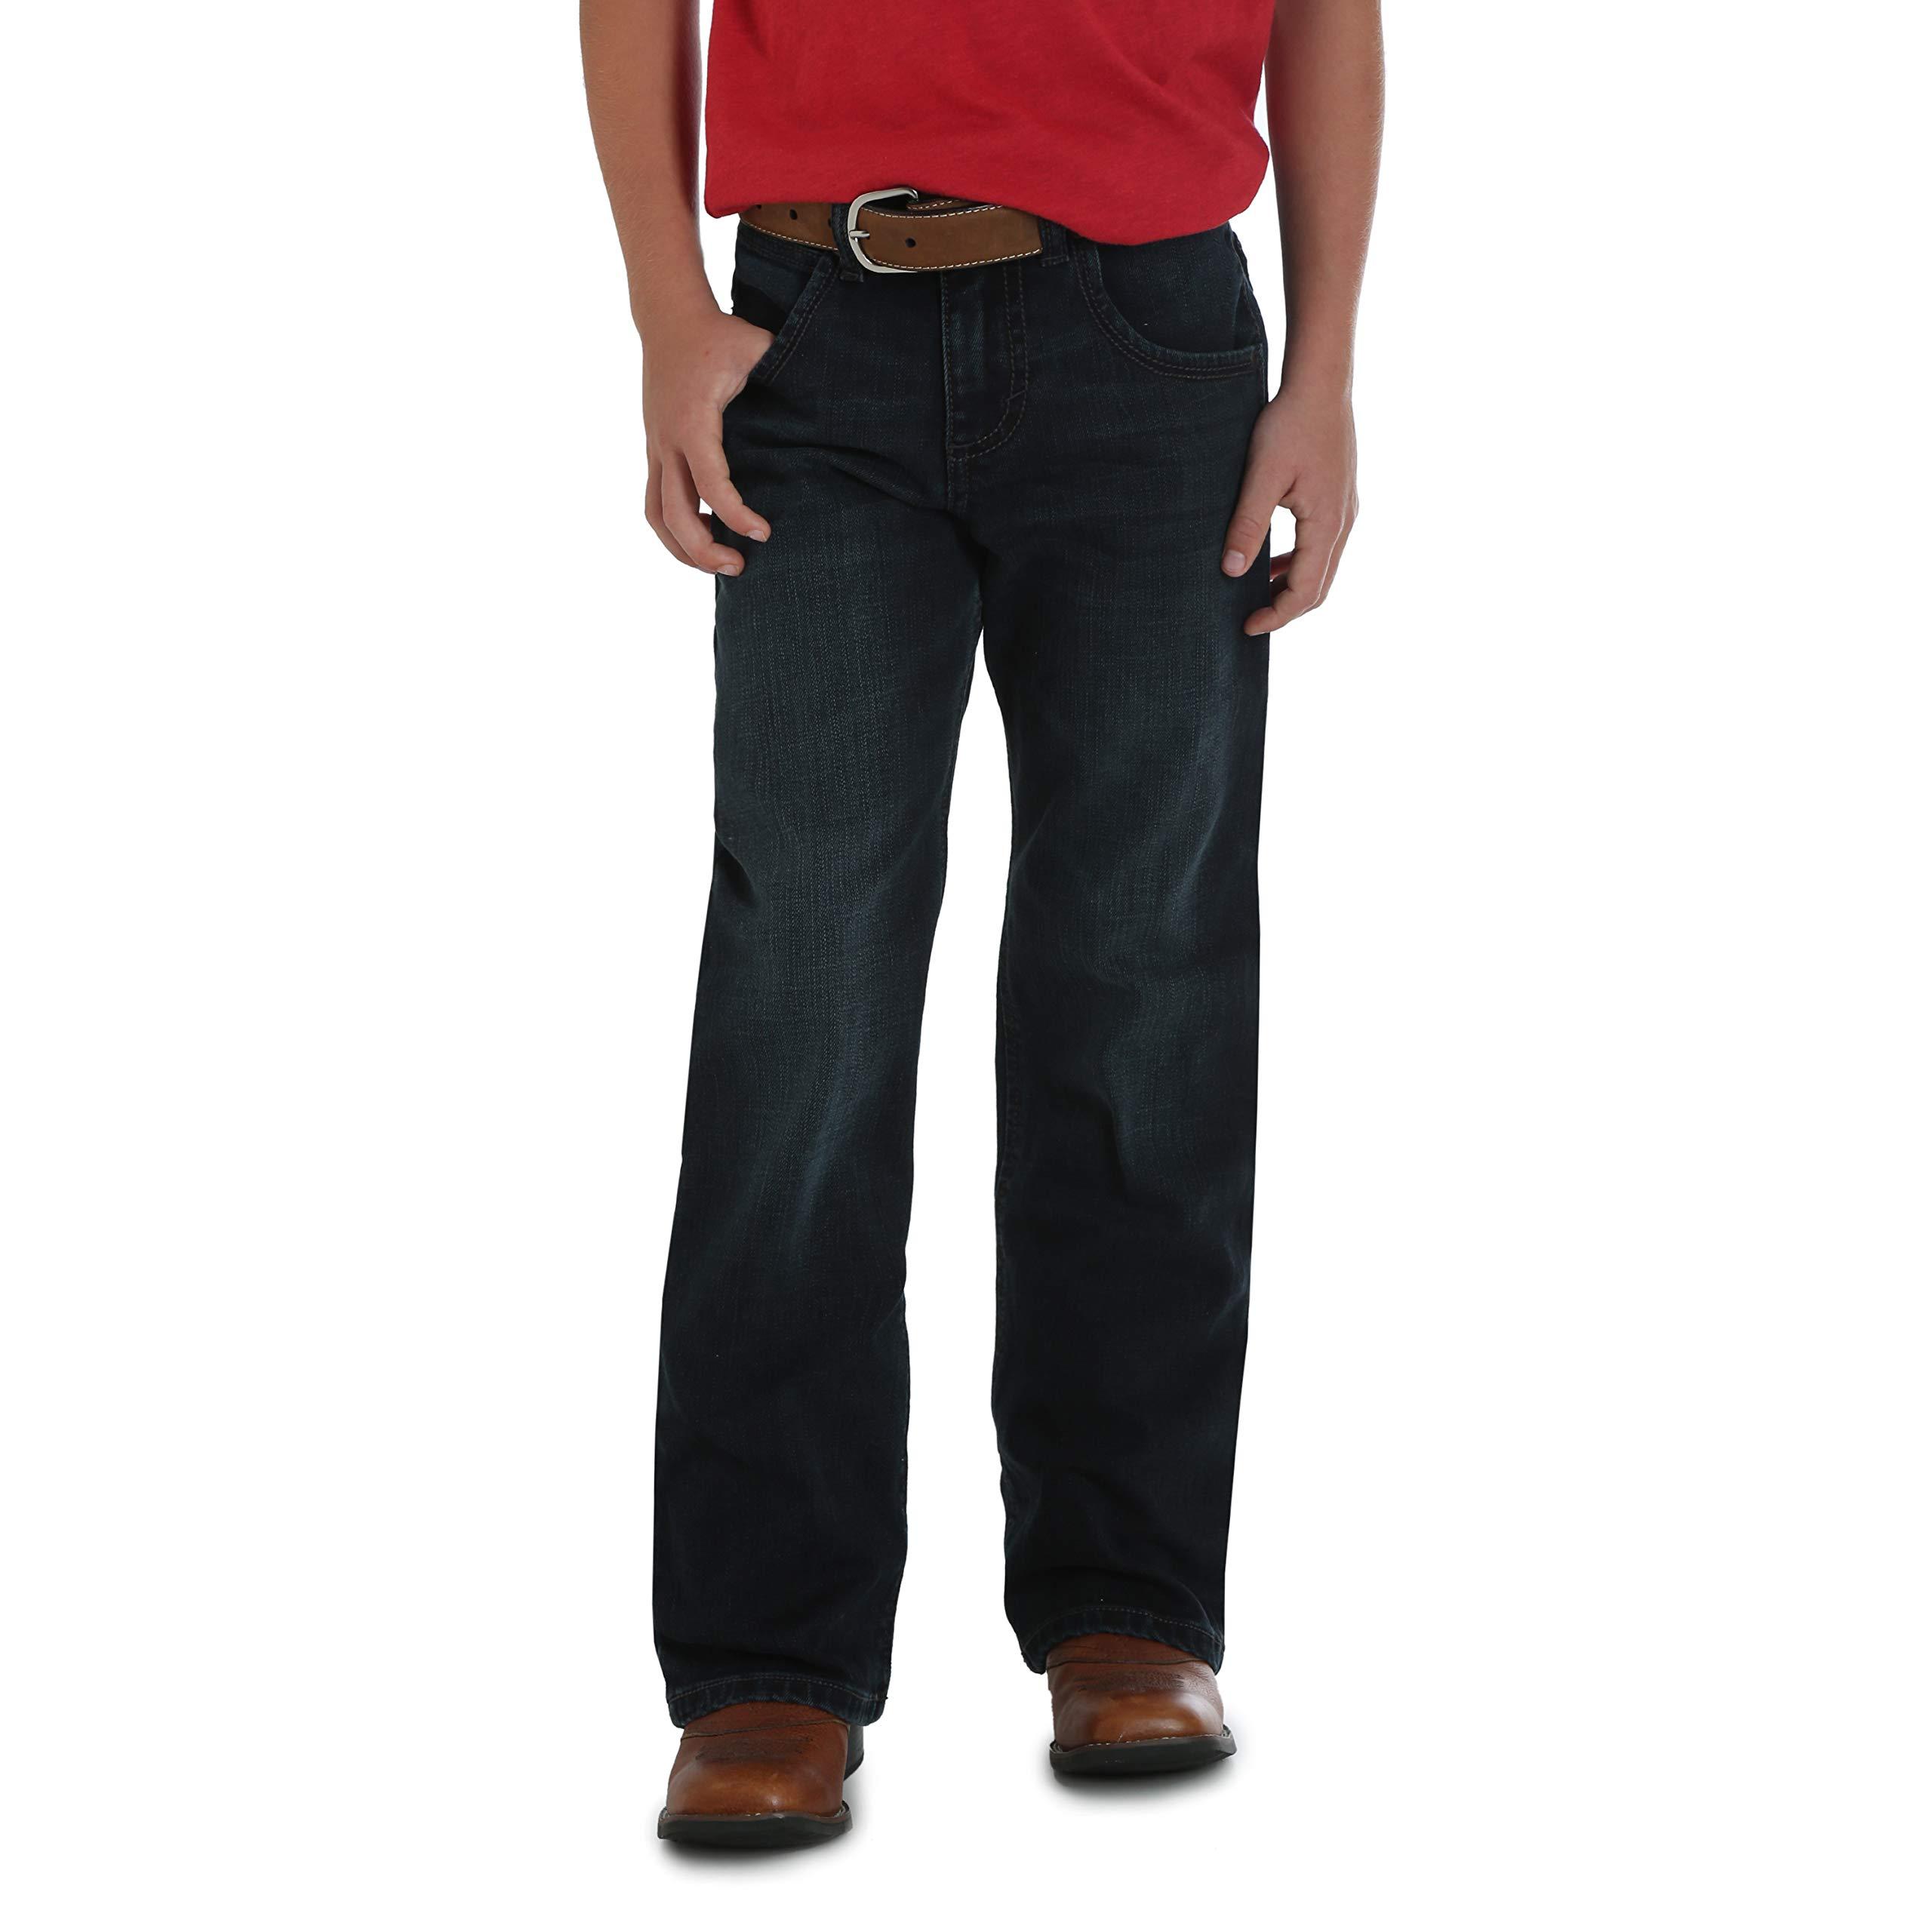 Wrangler Big Boys' Retro Relaxed Fit Boot Cut Jean, Oakdale, 16 Reg